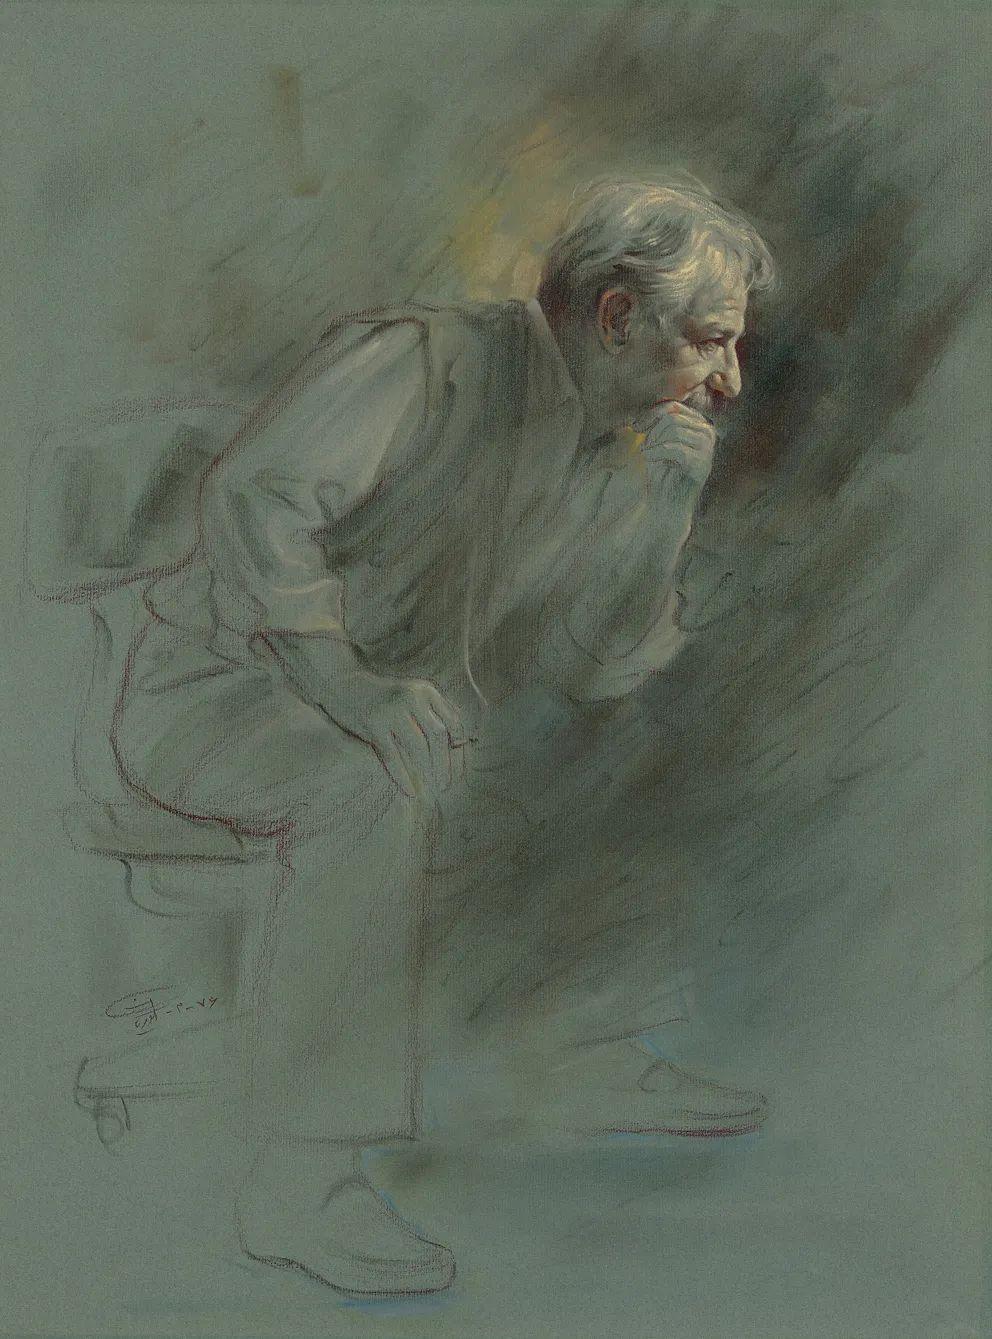 伊朗当代现实主义画家,也是空手道高手!插图19